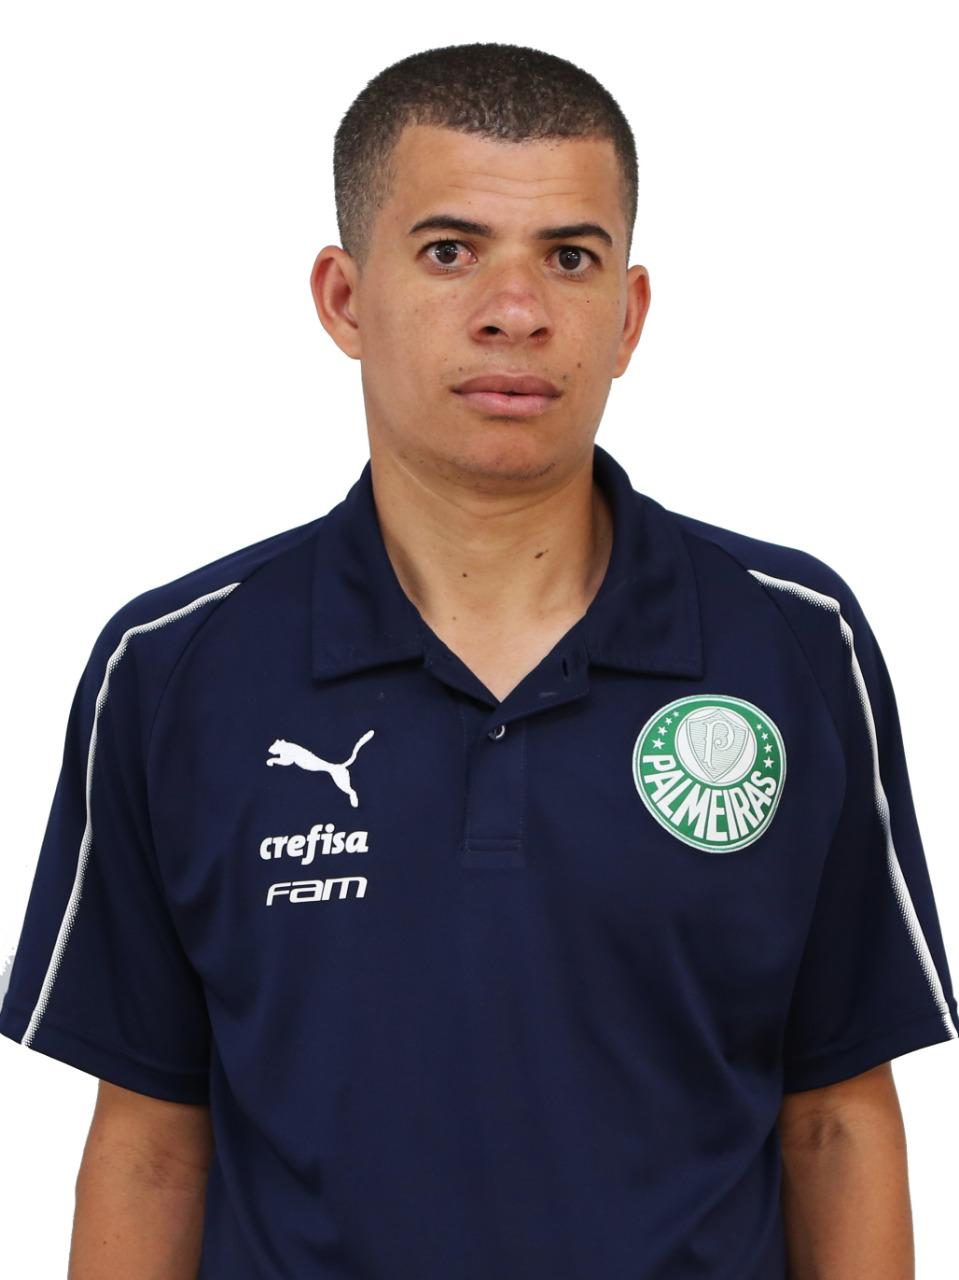 Renato Carvalho dos Santos